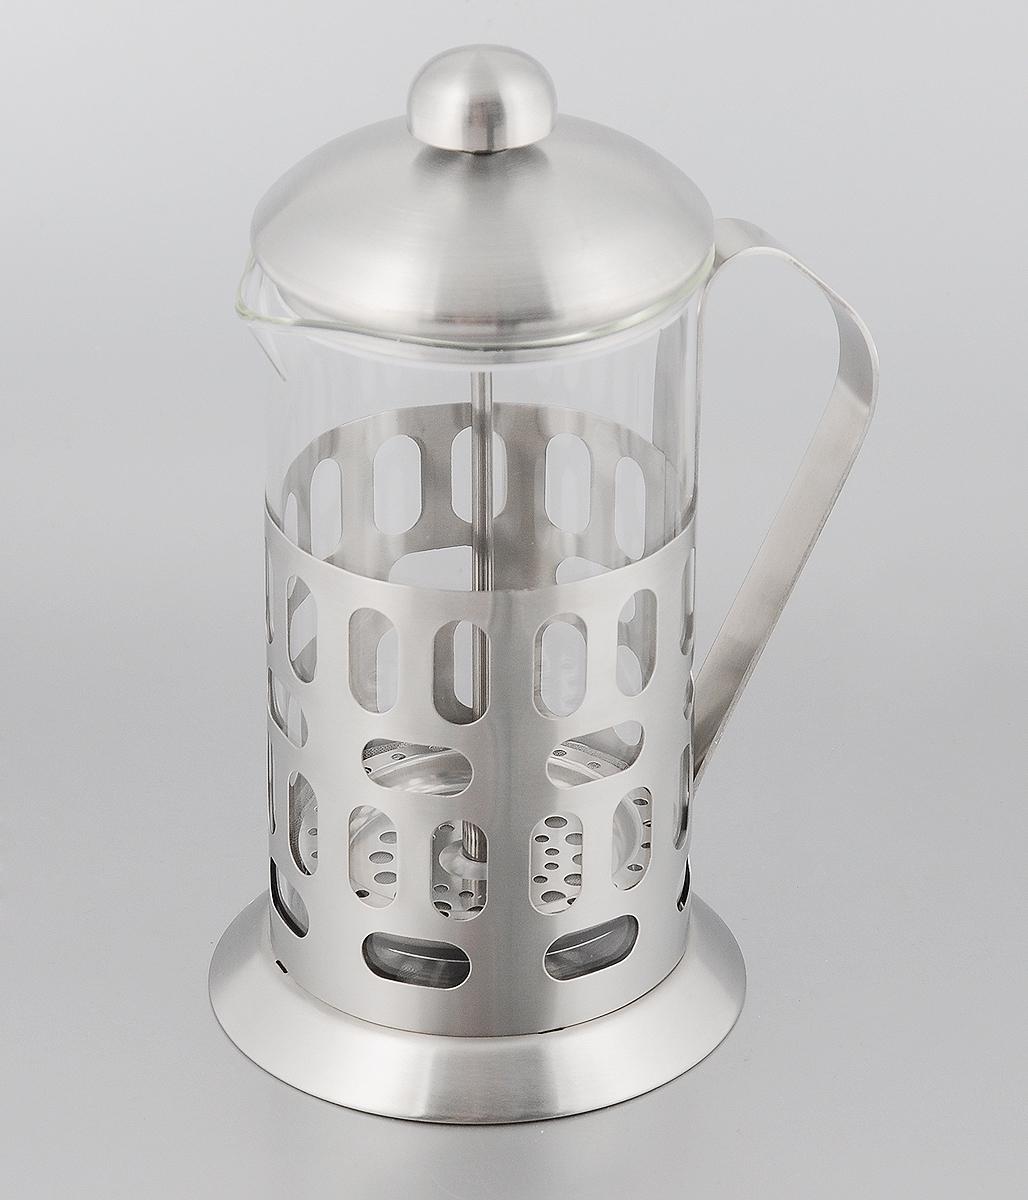 Френч-пресс Mayer & Boch, 600 мл. 81318131Френч-пресс Mayer & Boch позволит быстро и просто приготовить свежий и ароматный чай или кофе. Колба изготовлена из высококачественного жаропрочного боросиликатного стекла, устойчивого к окрашиванию, царапинам и термошоку. Фильтр-поршень из нержавеющей стали выполнен по технологии press-up для обеспечения равномерной циркуляции воды. Подставка из матовой нержавеющей стали декорирована оригинальной перфорацией. Готовить напитки с помощью френч-пресса очень просто. Насыпьте внутрь заварку и залейте кипятком. Остановить процесс заваривания легко. Для этого нужно просто опустить поршень, и заварка уйдет вниз, оставляя вверху напиток, готовый к употреблению. Заварочный чайник с прессом - это совершенный чайник для ежедневного использования. Диаметр колбы: 9 см. Диаметр основания френч-пресса: 11 см. Высота (с учетом крышки): 21 см.